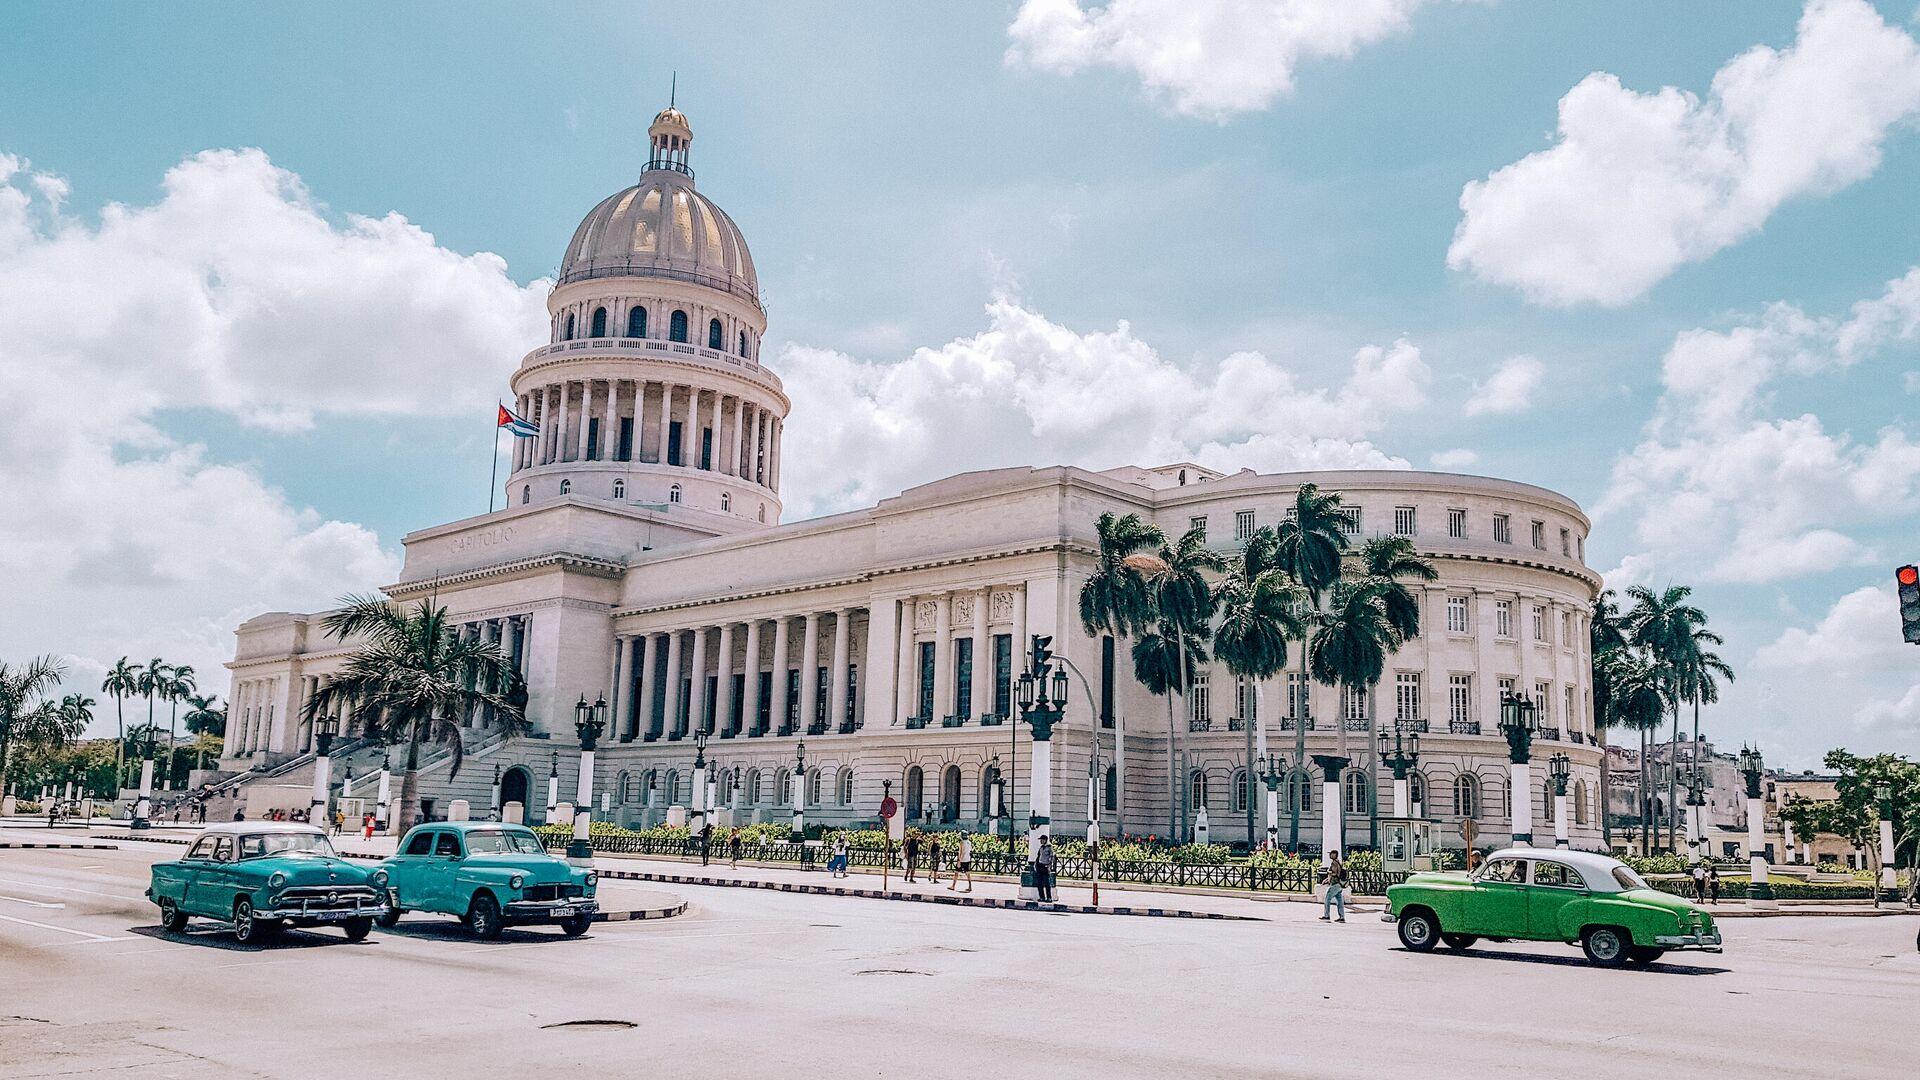 Гавана, Куба - РИА Новости, 1920, 12.01.2021